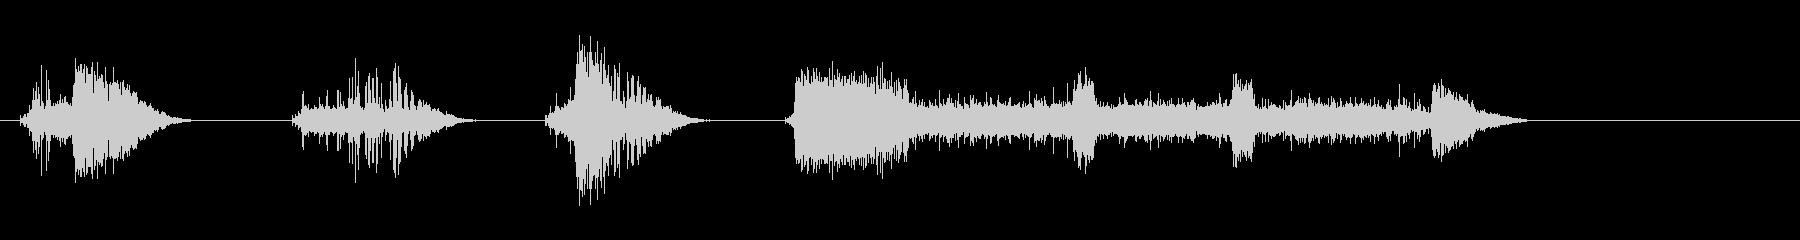 セイバーブロークン;オン、ストレイ...の未再生の波形